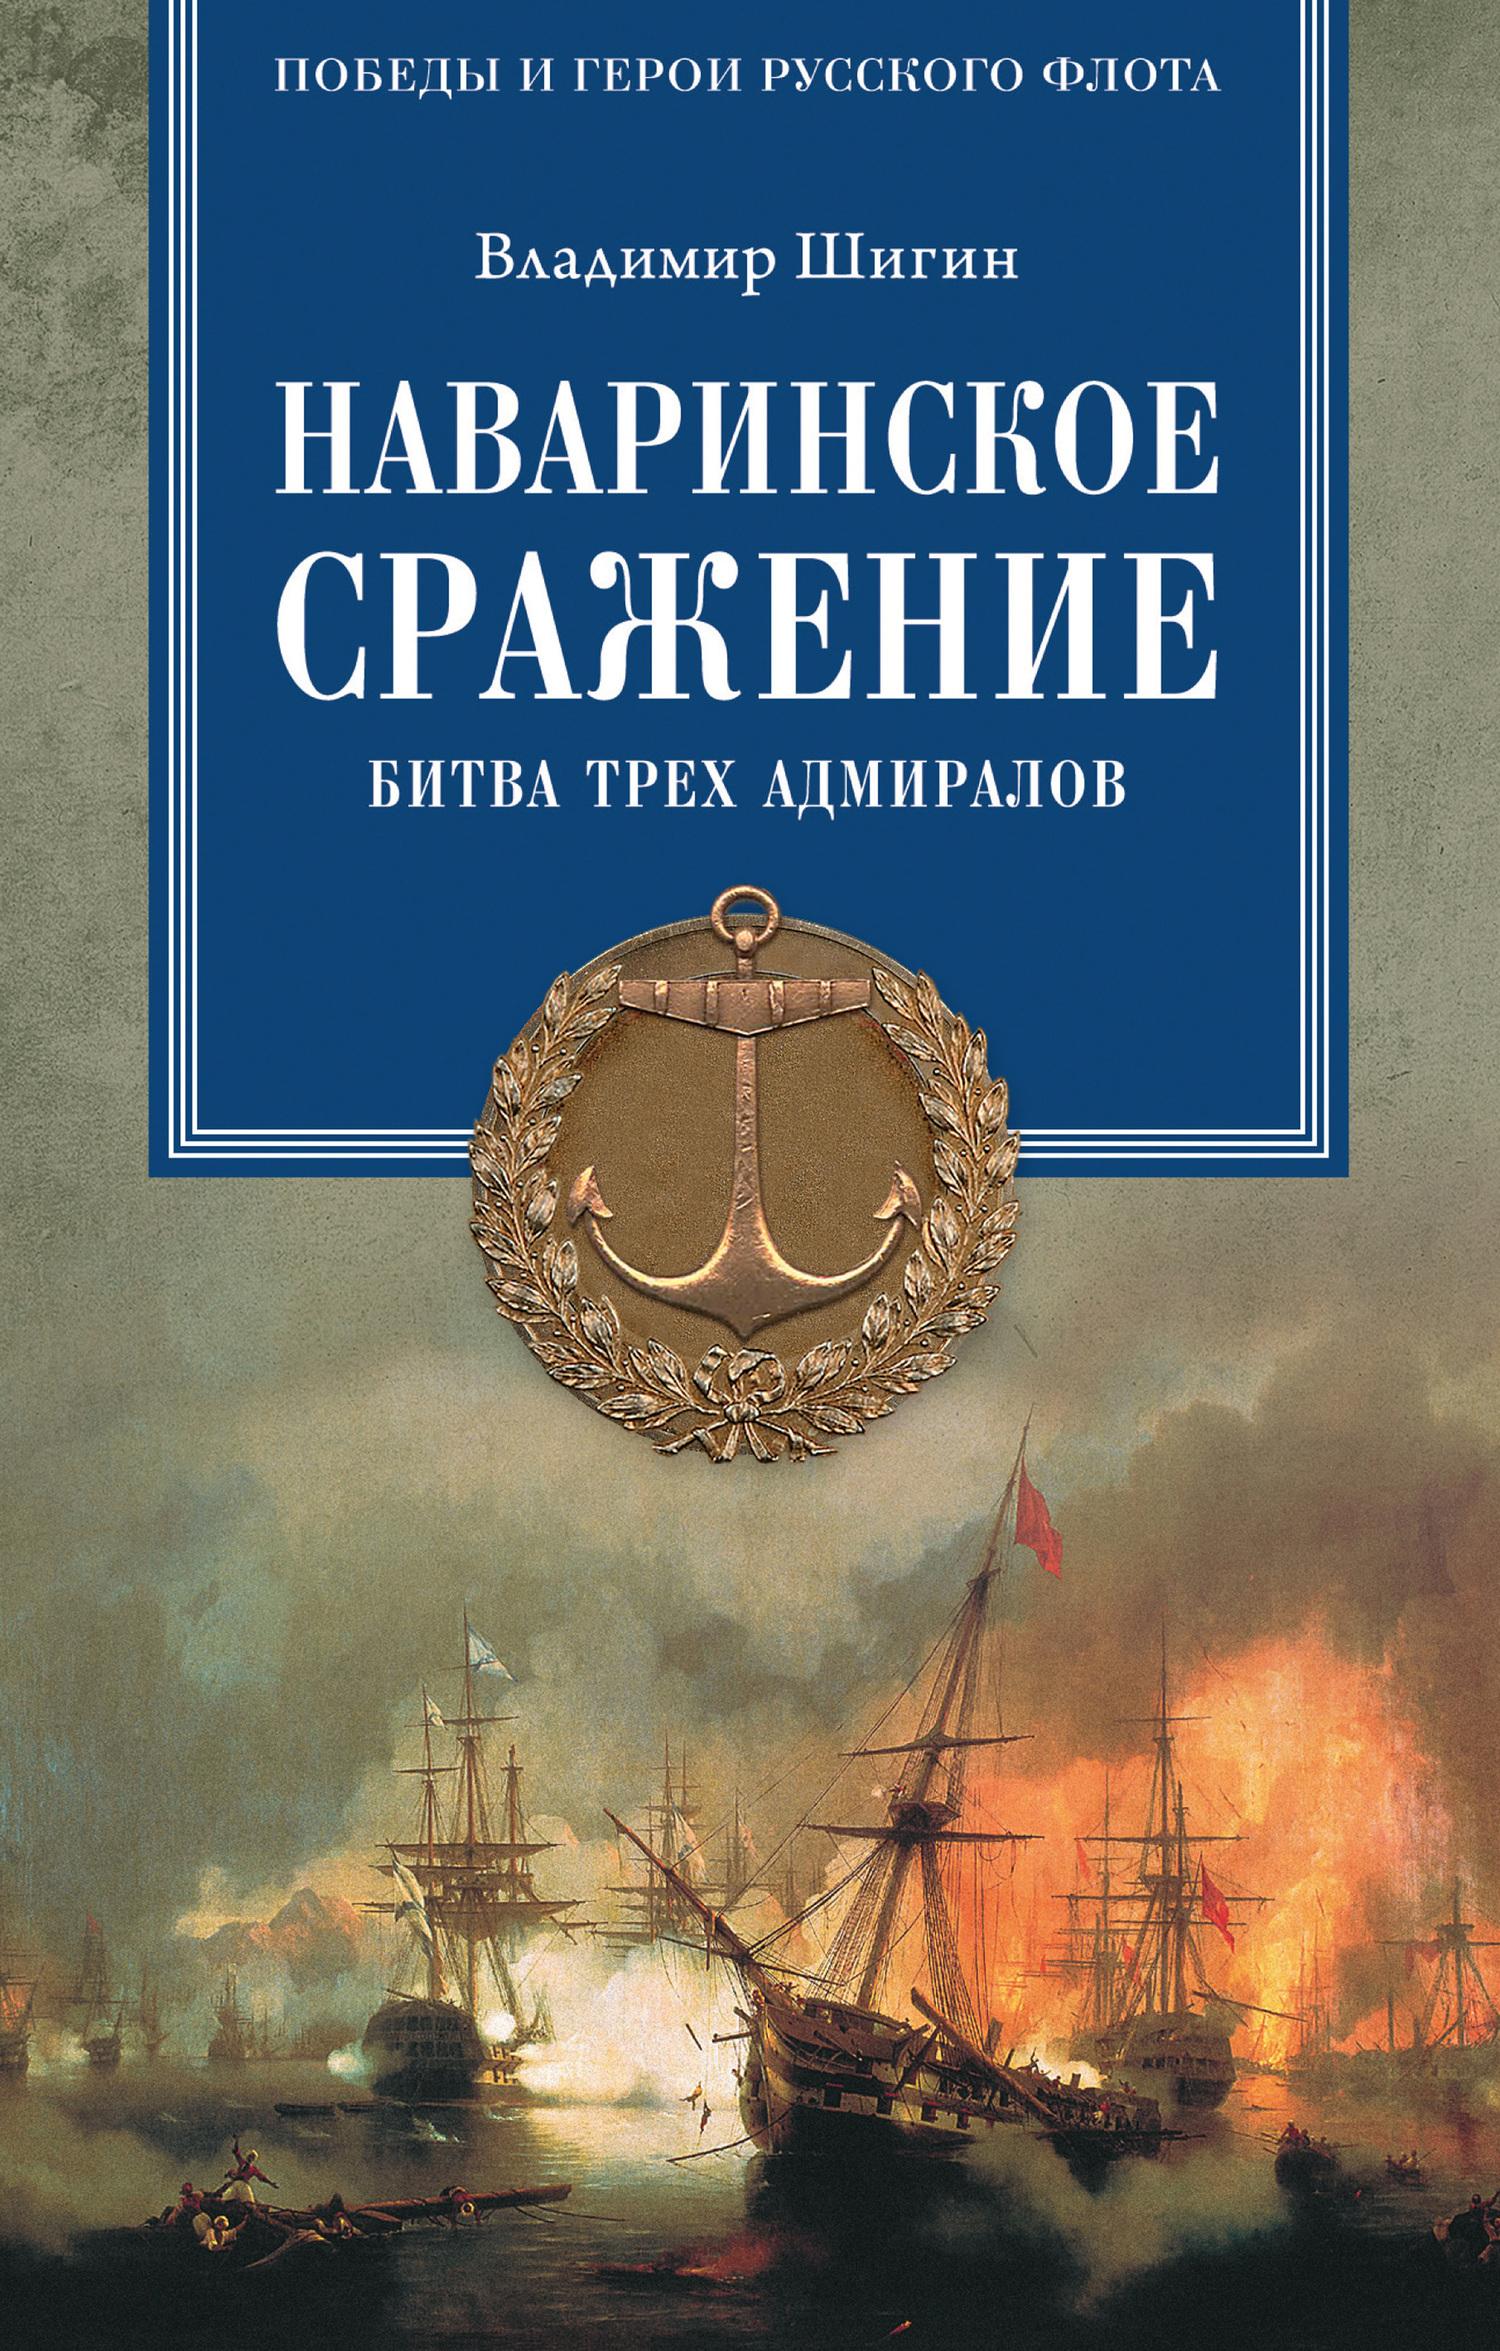 Владимир Шигин - Наваринское сражение. Битва трех адмиралов